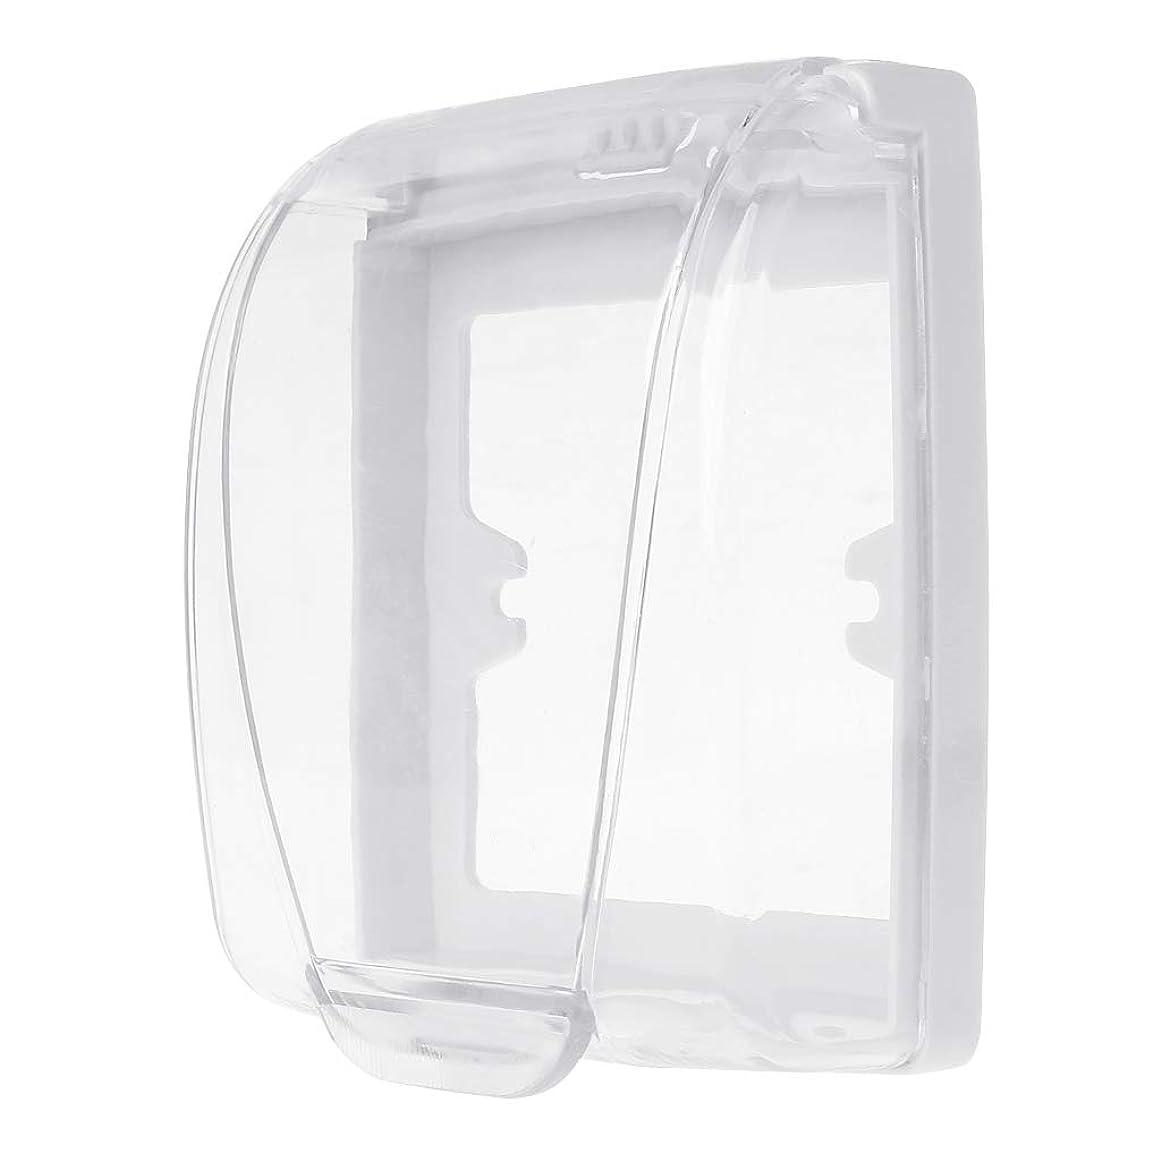 逆祭司ふりをするLamdooプラスチック壁防水カバーボックス壁ライトパネルソケットドアベルフリップキャップカバークリア浴室キッチンアクセサリー